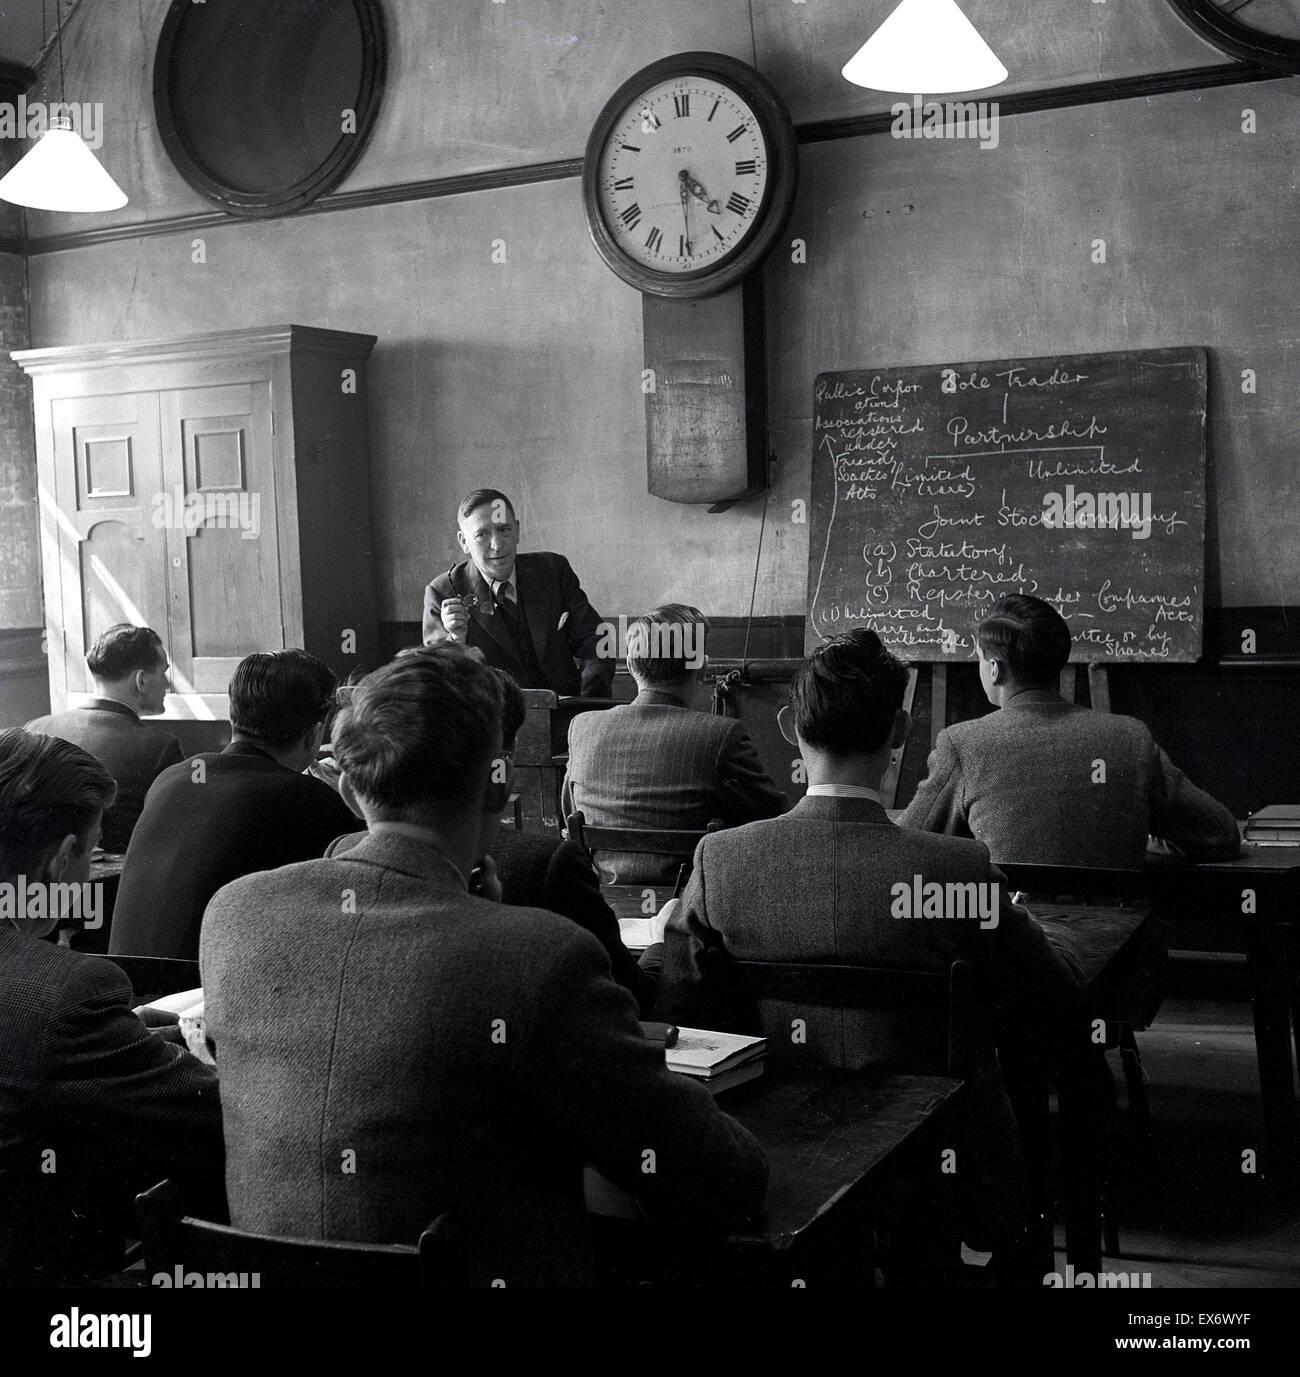 Historisches, 1950er Jahre, Gruppe von männlichen Studenten im Unterricht gelehrt wird. Stockbild